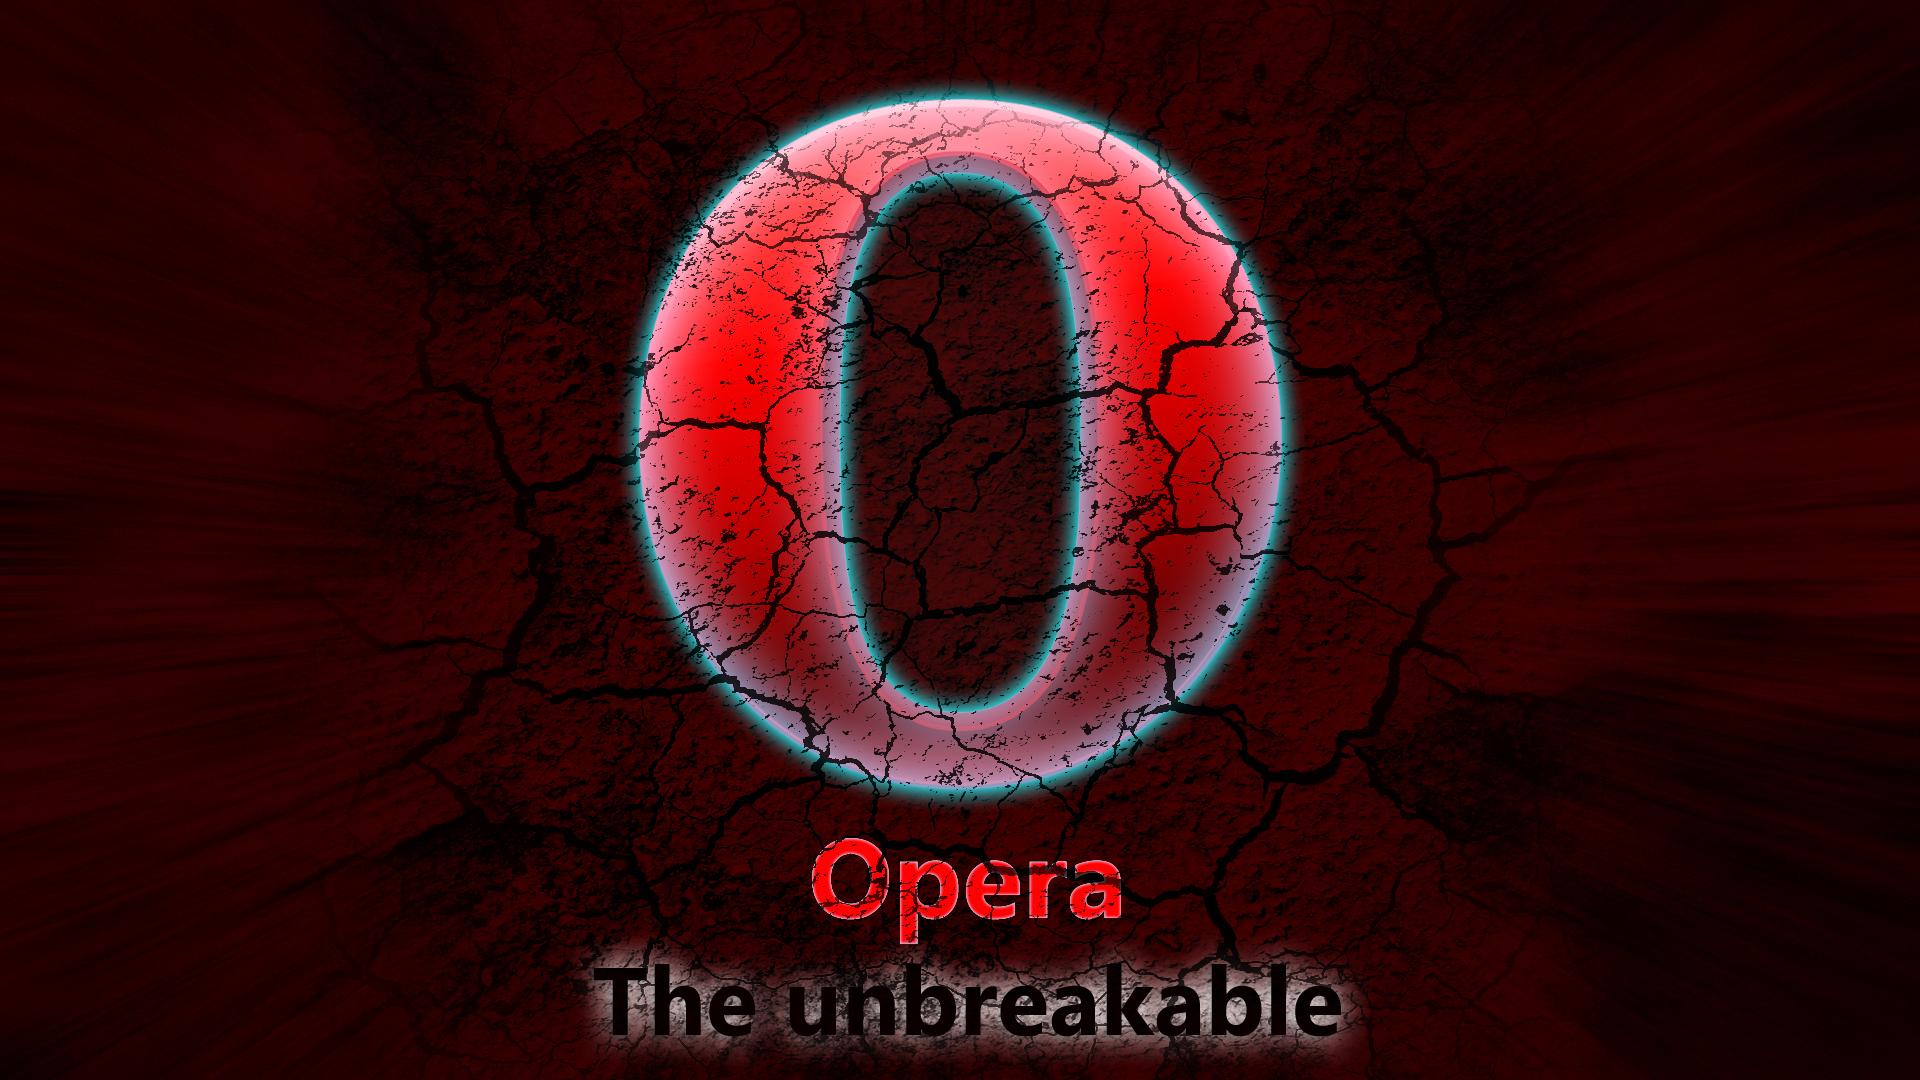 Opera 19.0.1326.63